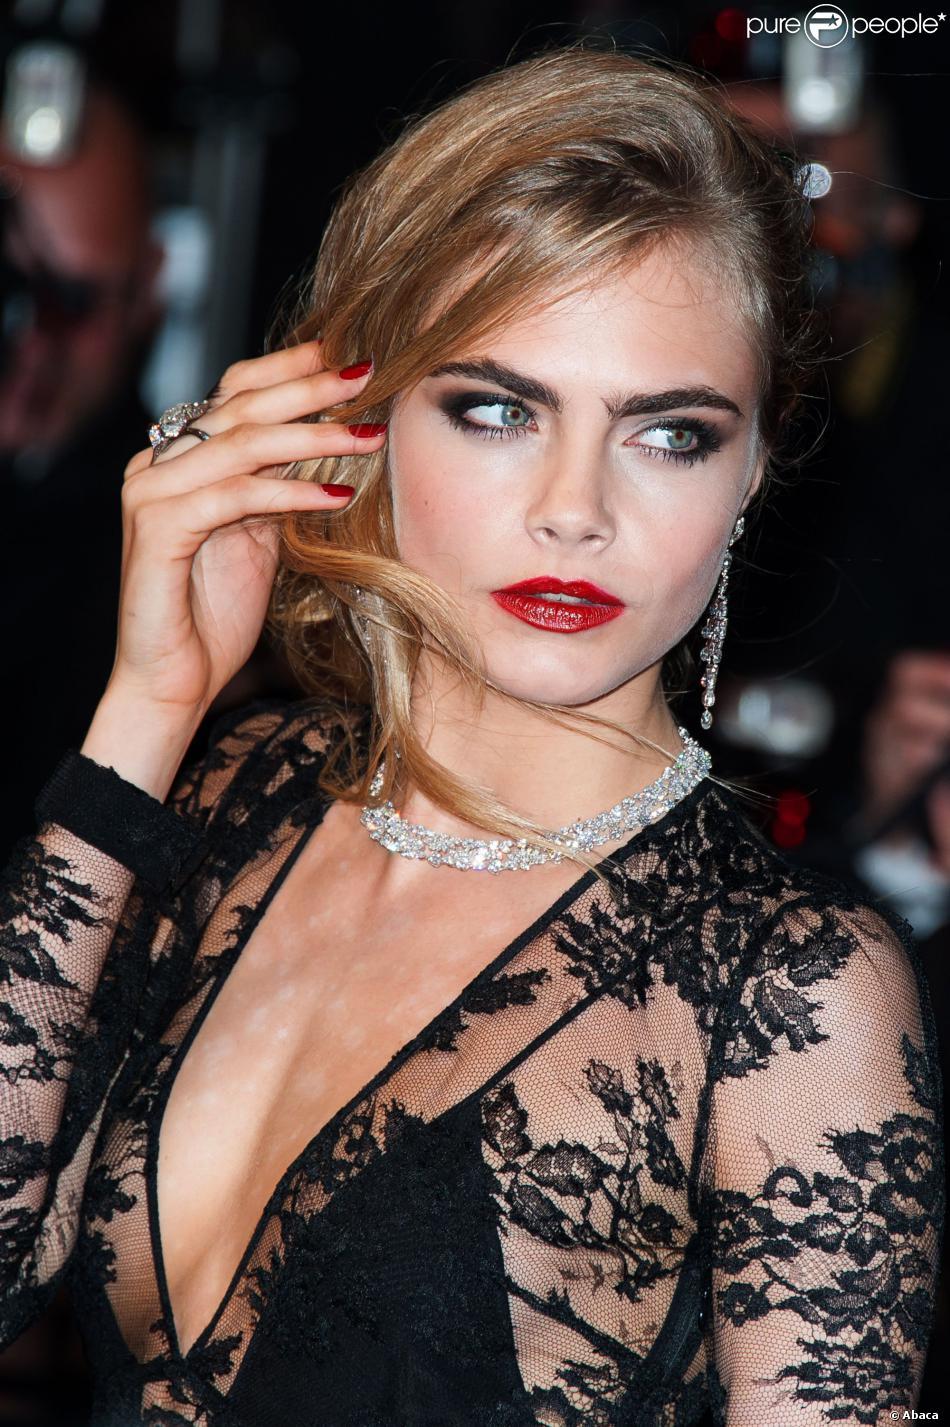 Les 5 tendances beauté phares de cet hiver 2013 : le sourcil épais comme Cara Delevingne